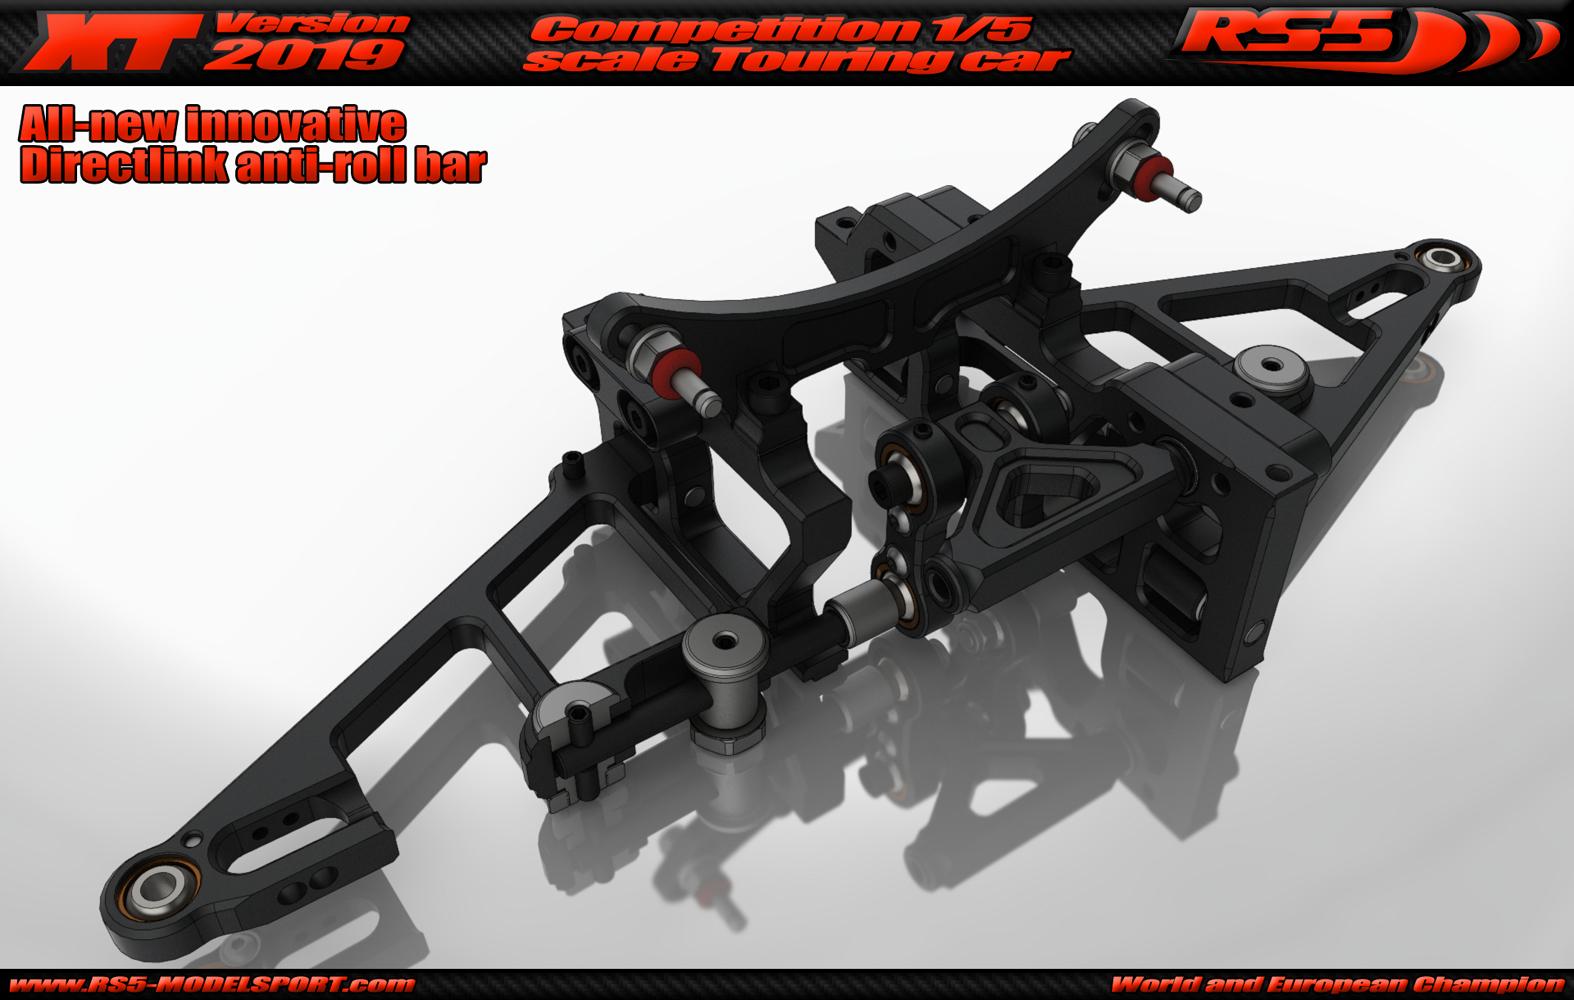 RS5-XT2019 new directlink stabiliser front